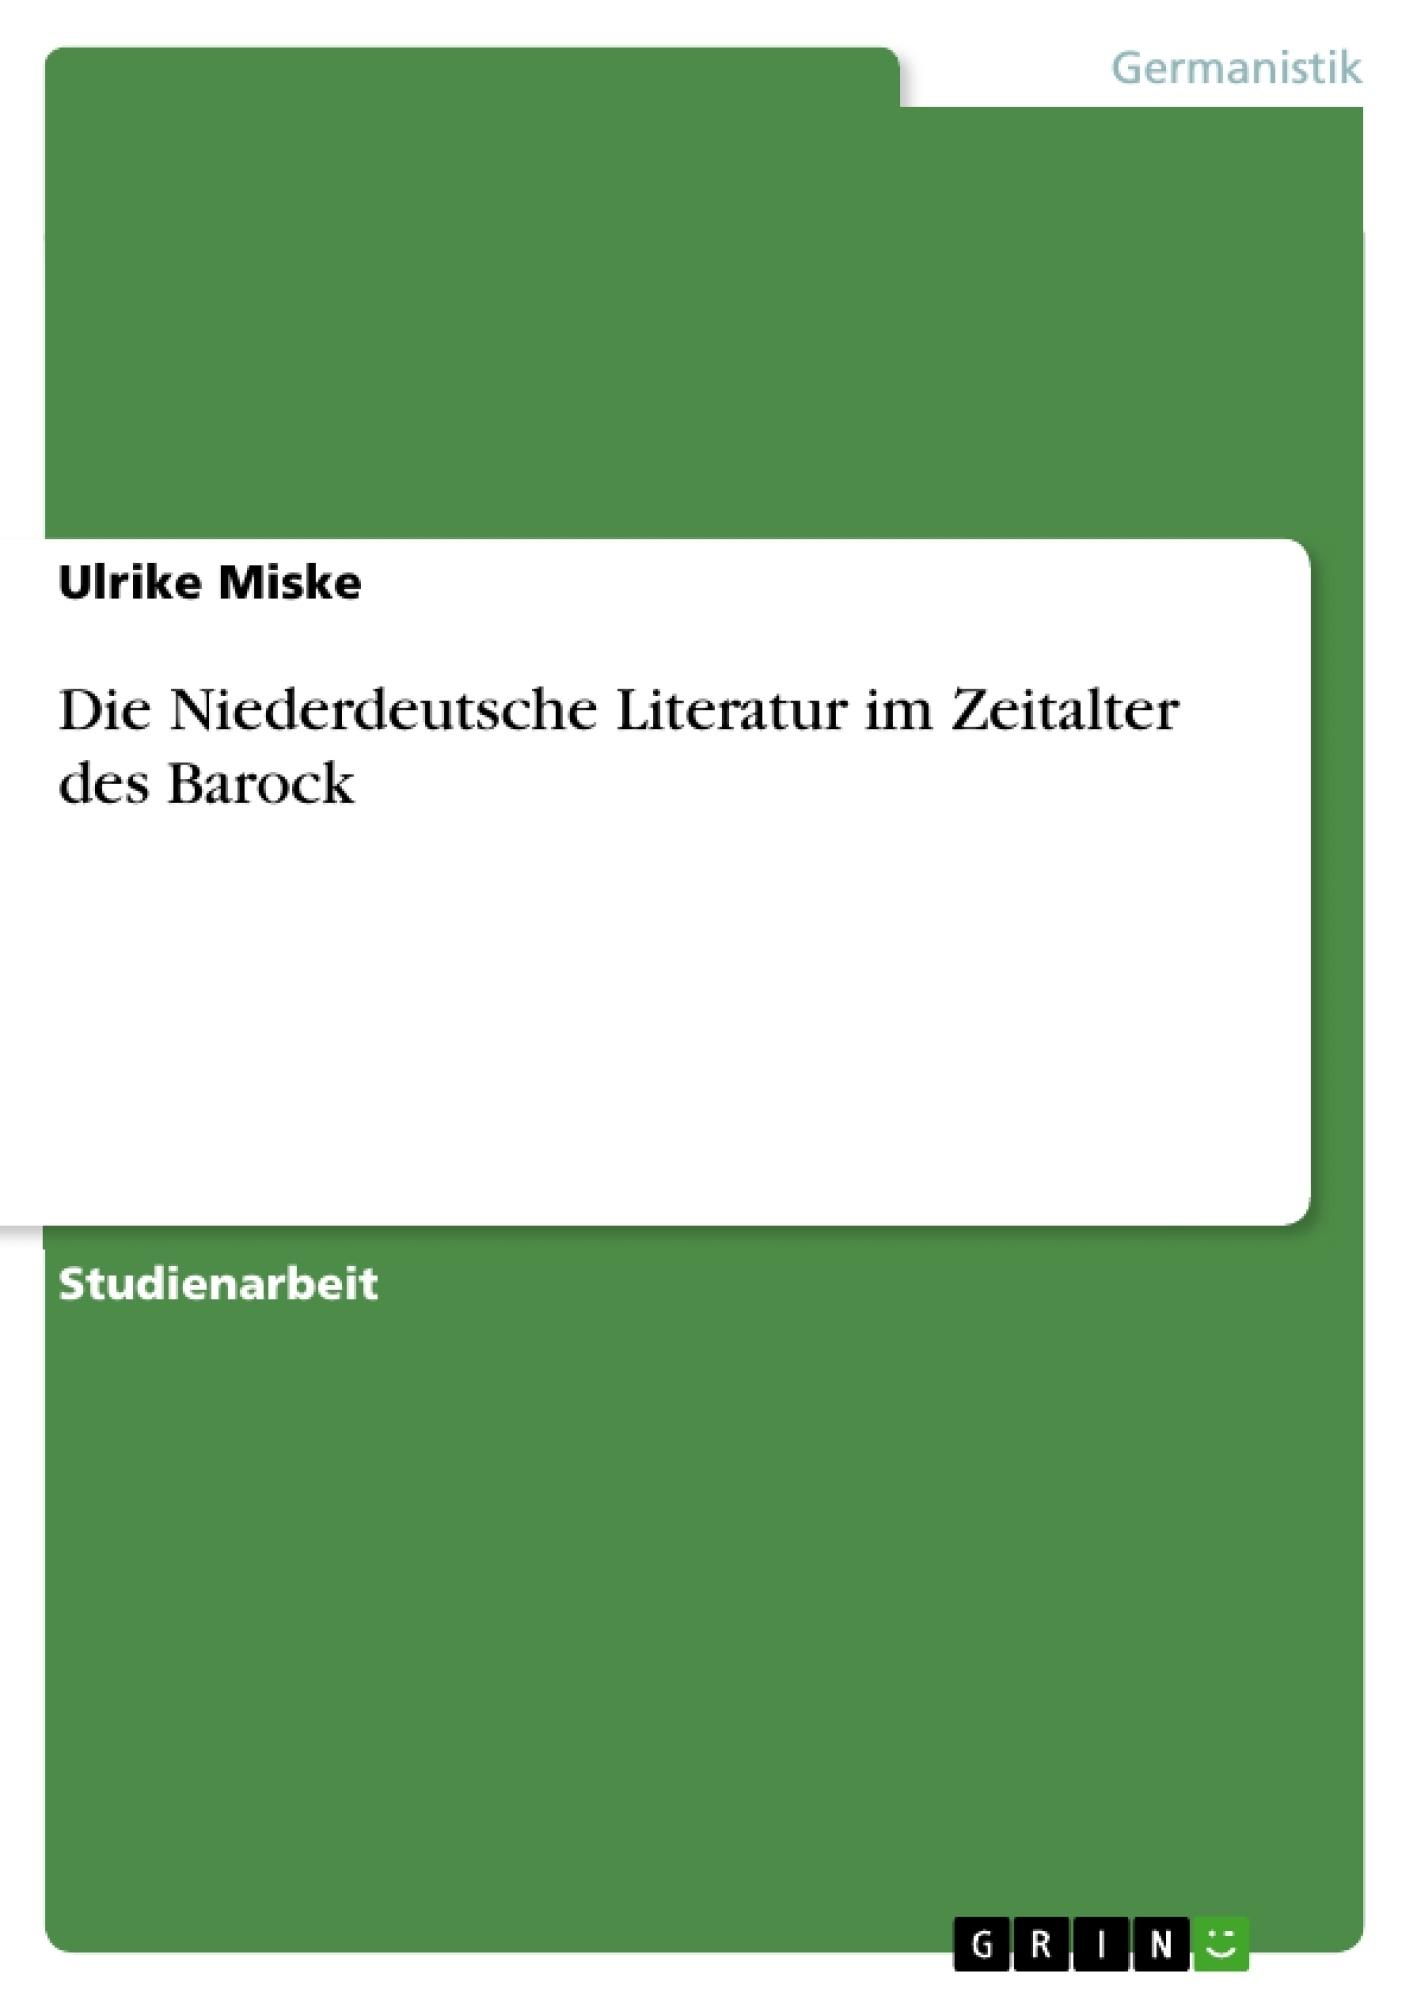 Titel: Die Niederdeutsche Literatur im Zeitalter des Barock